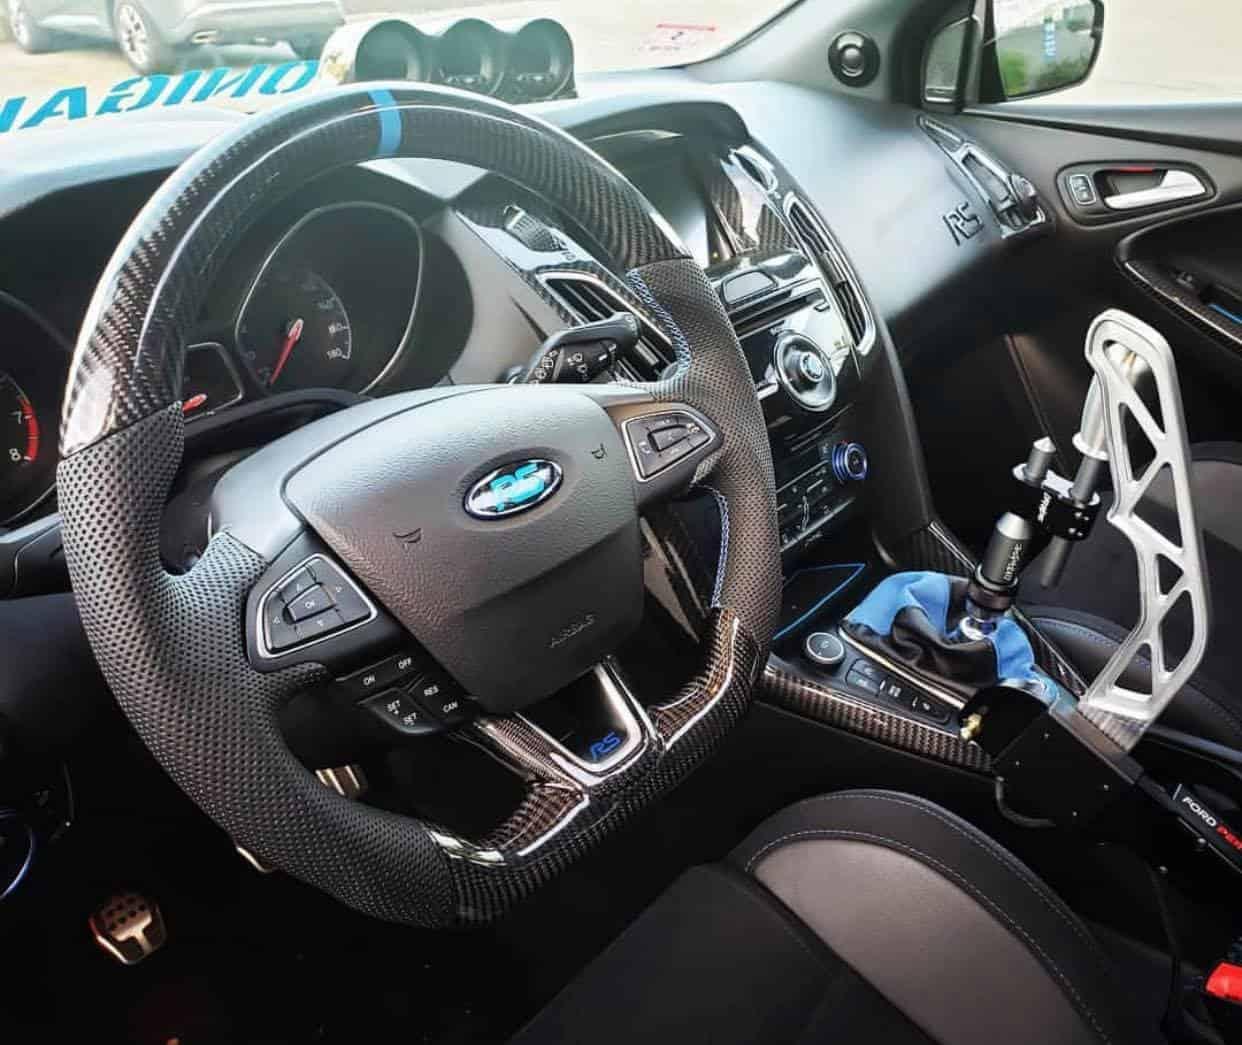 2010 2017 Ford Focus Focus St Rs Custom Steering Wheel Socal Garage Works